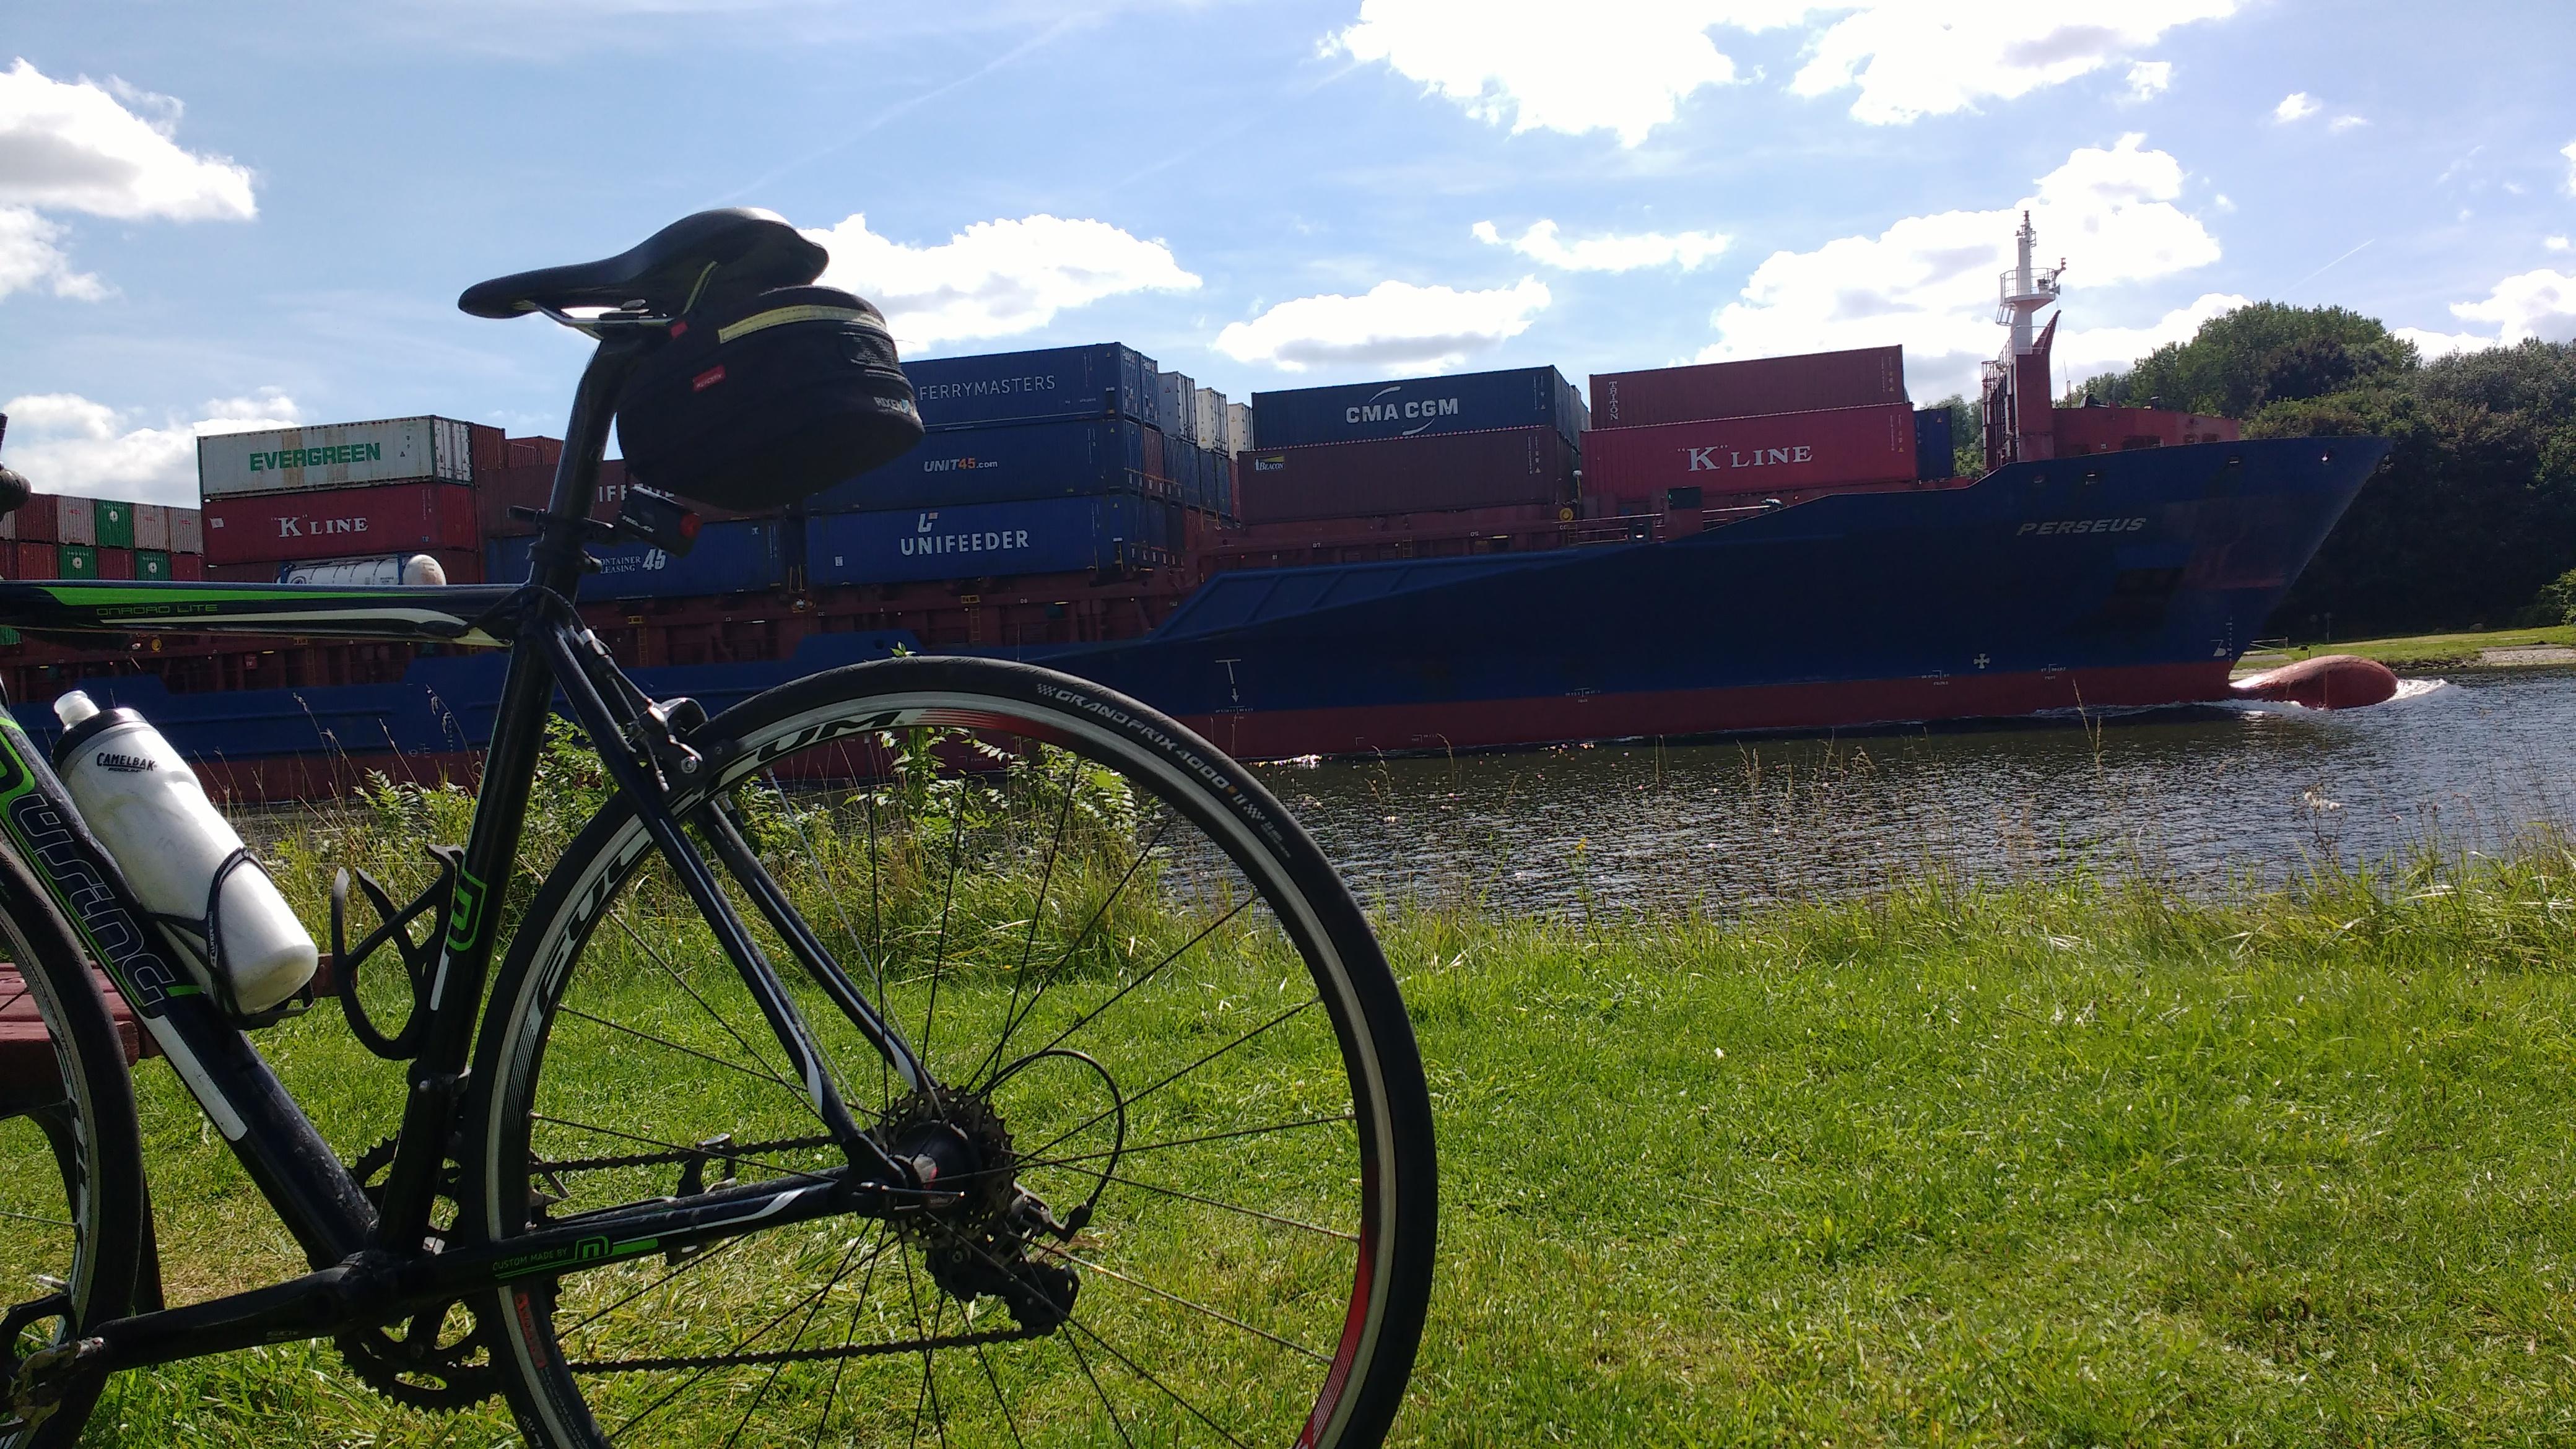 Mein Rad vor dem Nord-Ostsee-Kanal, und ein großer Frachter dahinter